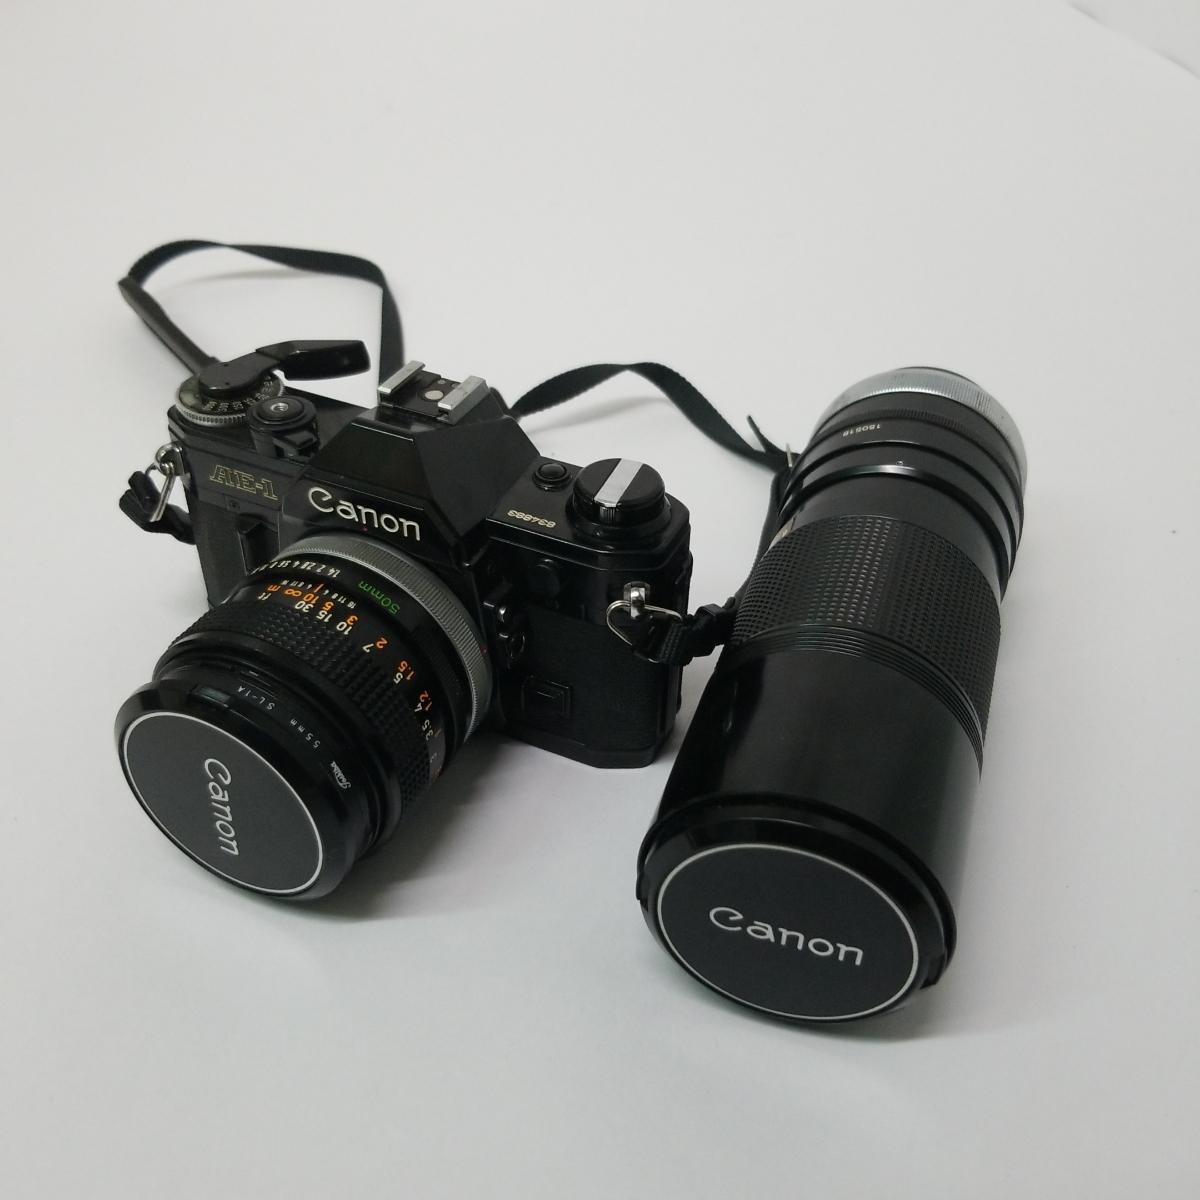 キヤノン Canon AE-1 一眼レフカメラ LENS 50mm 1:1.4 S.S.C. キャノン CANON ズームレンズ FD 100-200mm 1:5.6 S.C_画像1